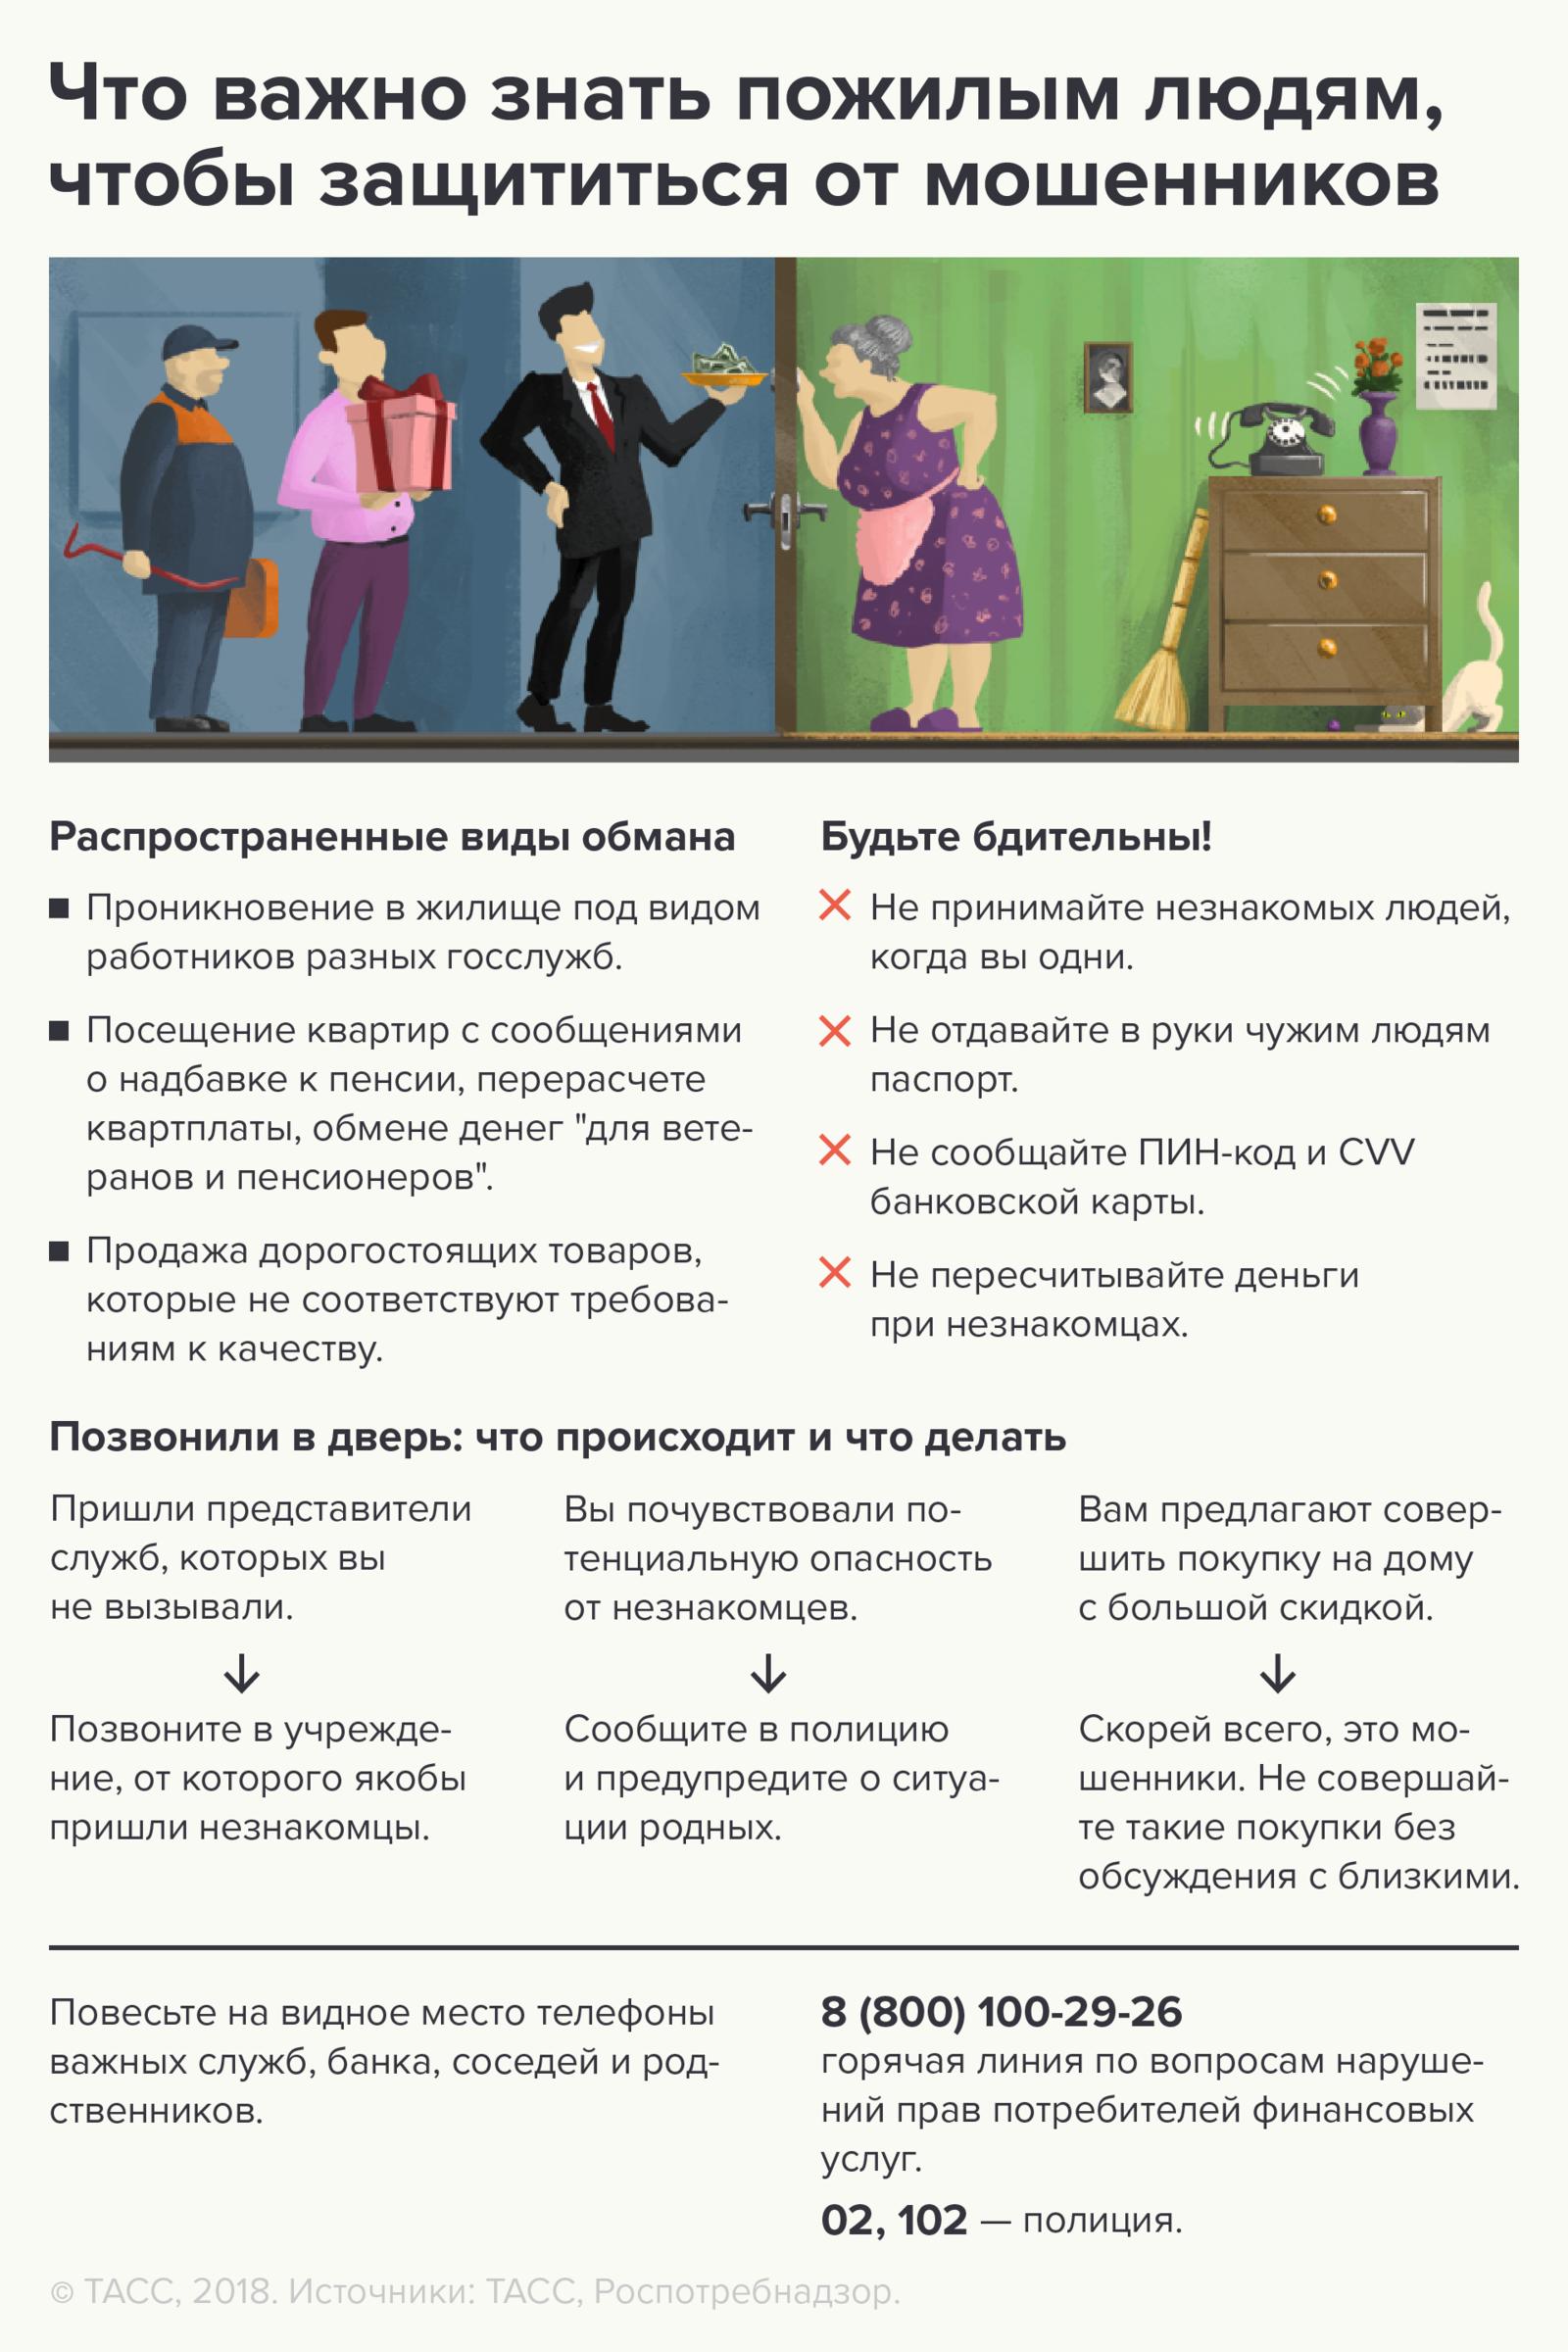 Роспотребнадзор дает рекомендации гражданам